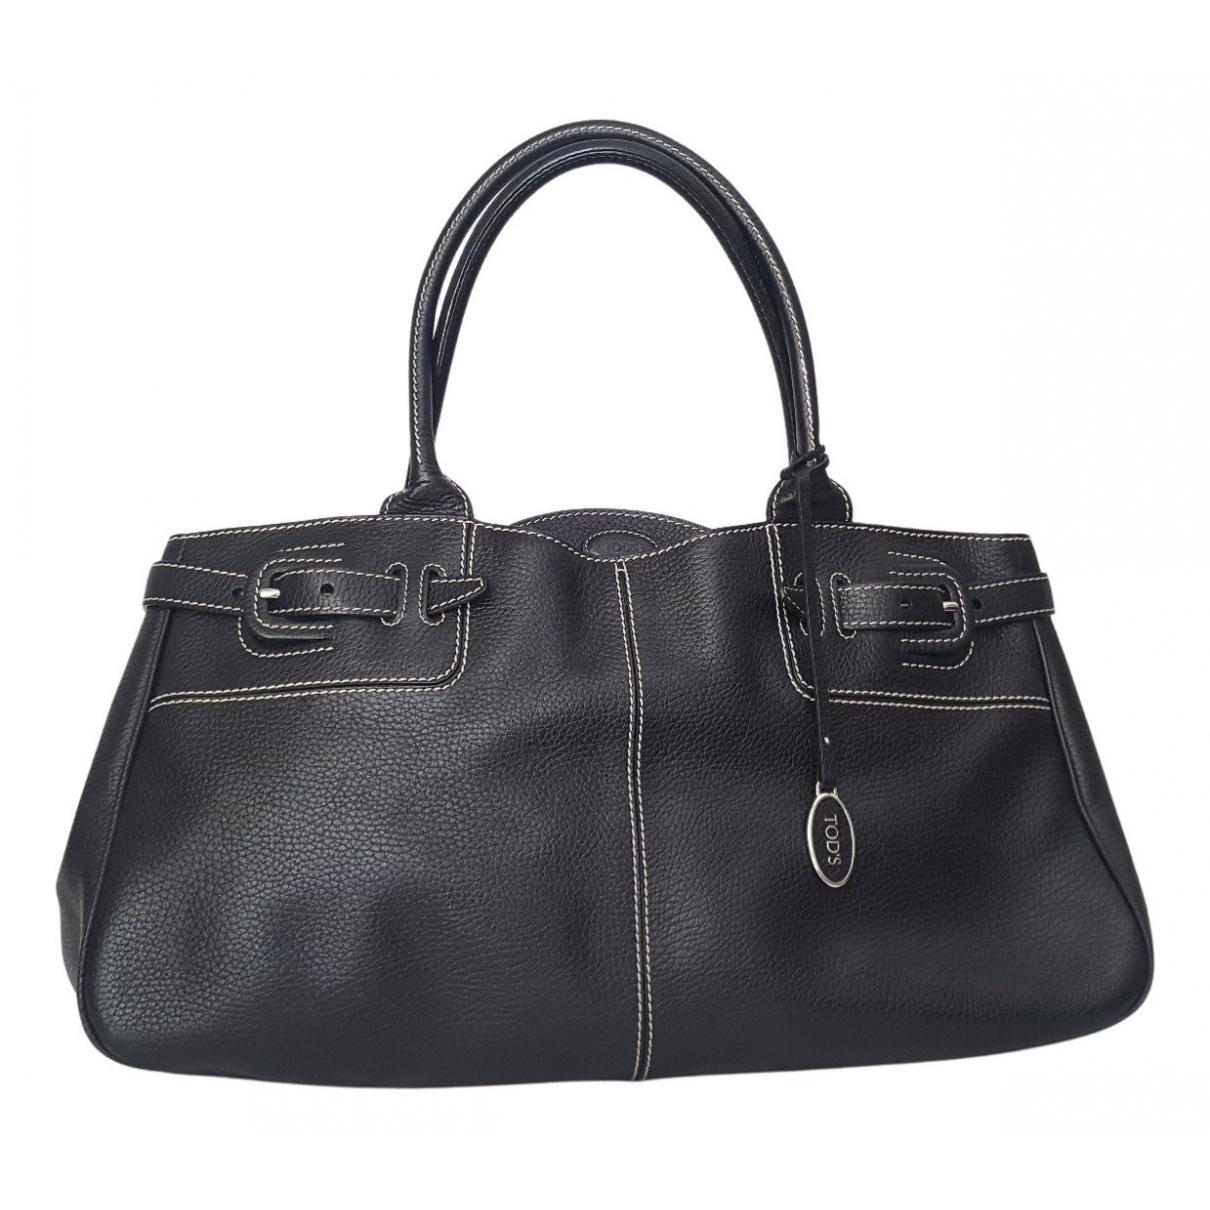 Tod's N Black Leather handbag for Women N